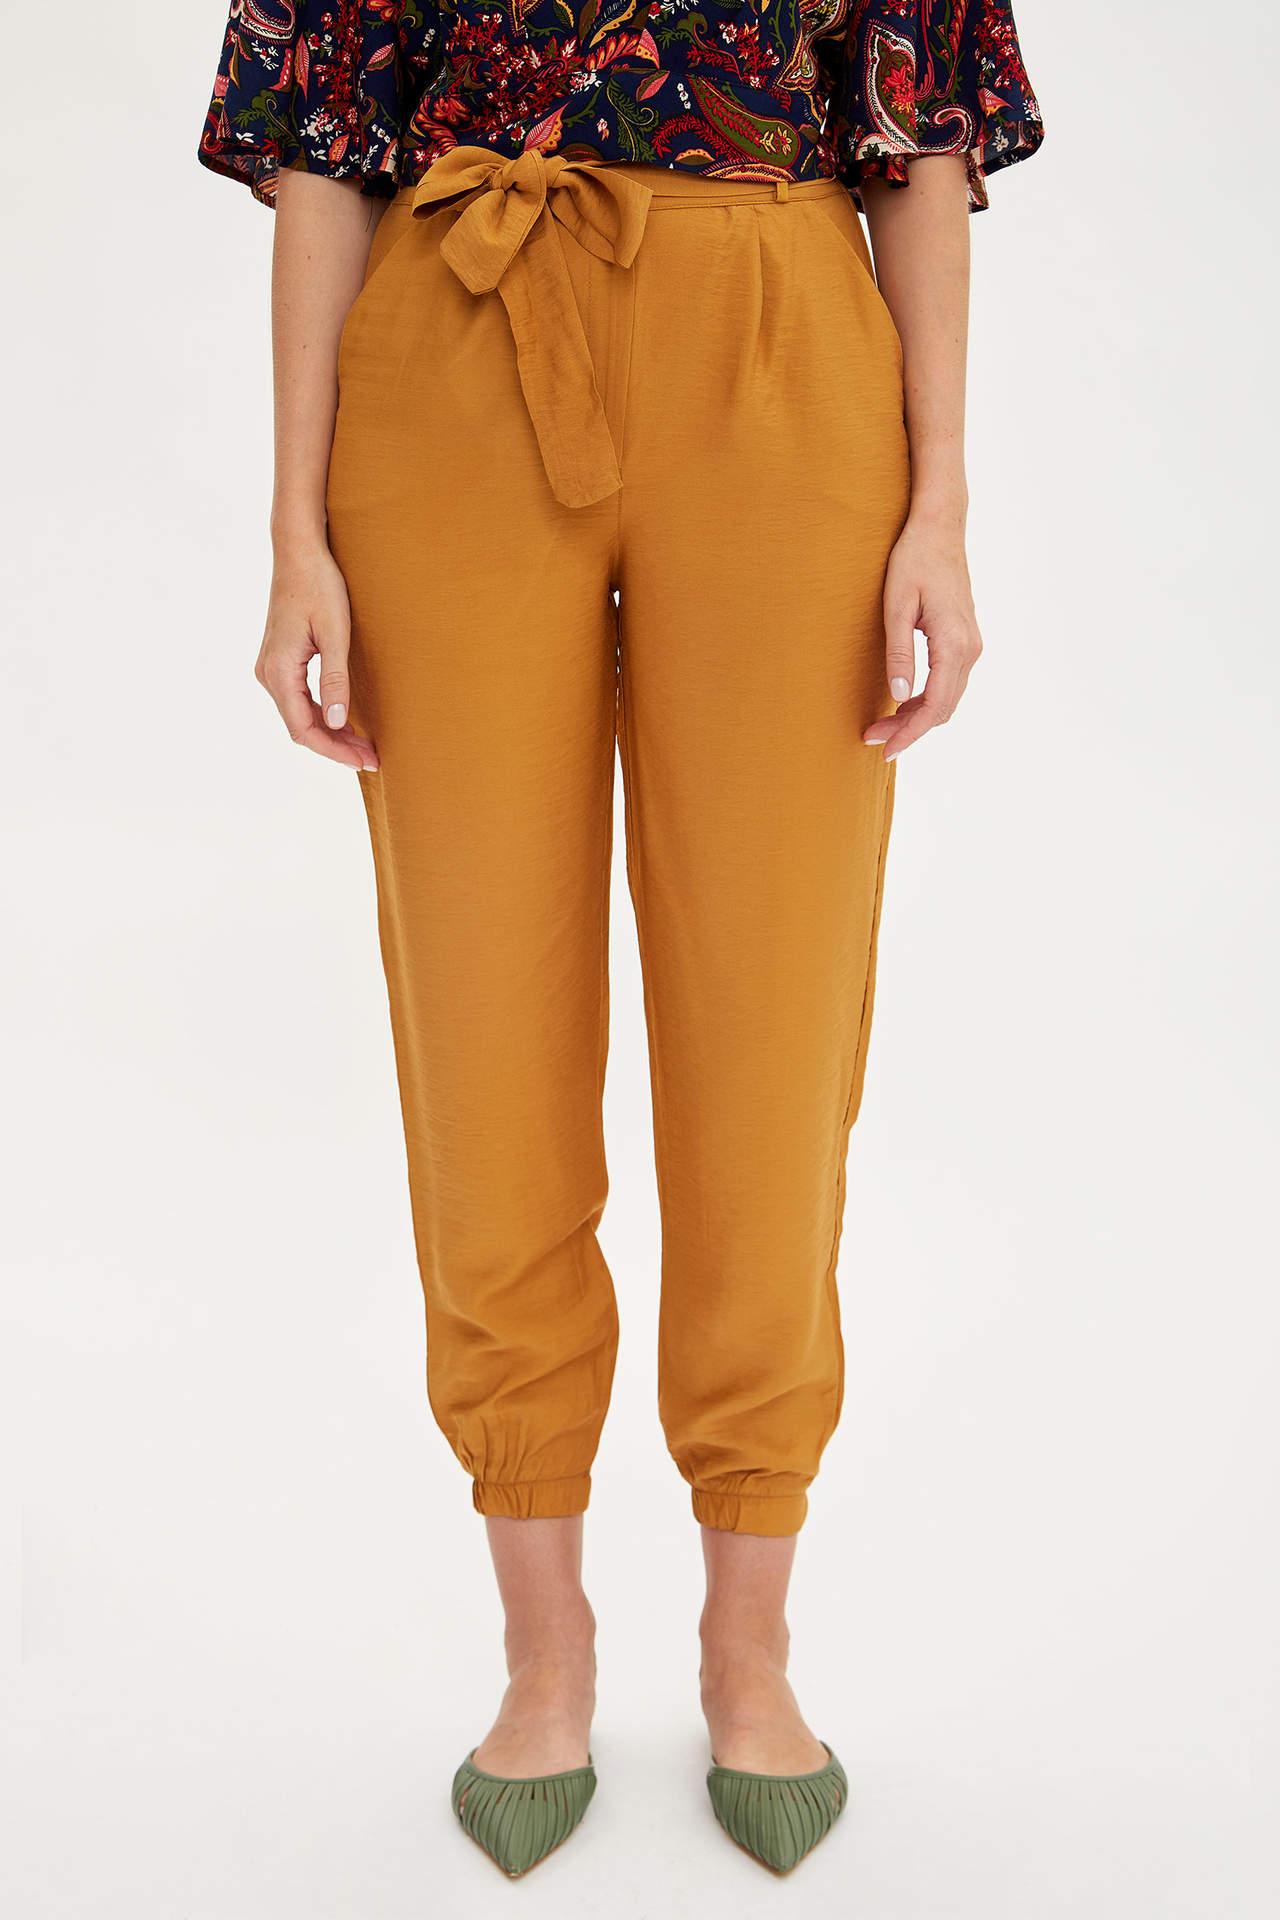 Defacto Kadın Relax Fit Beli Kuşaklı Pantolon